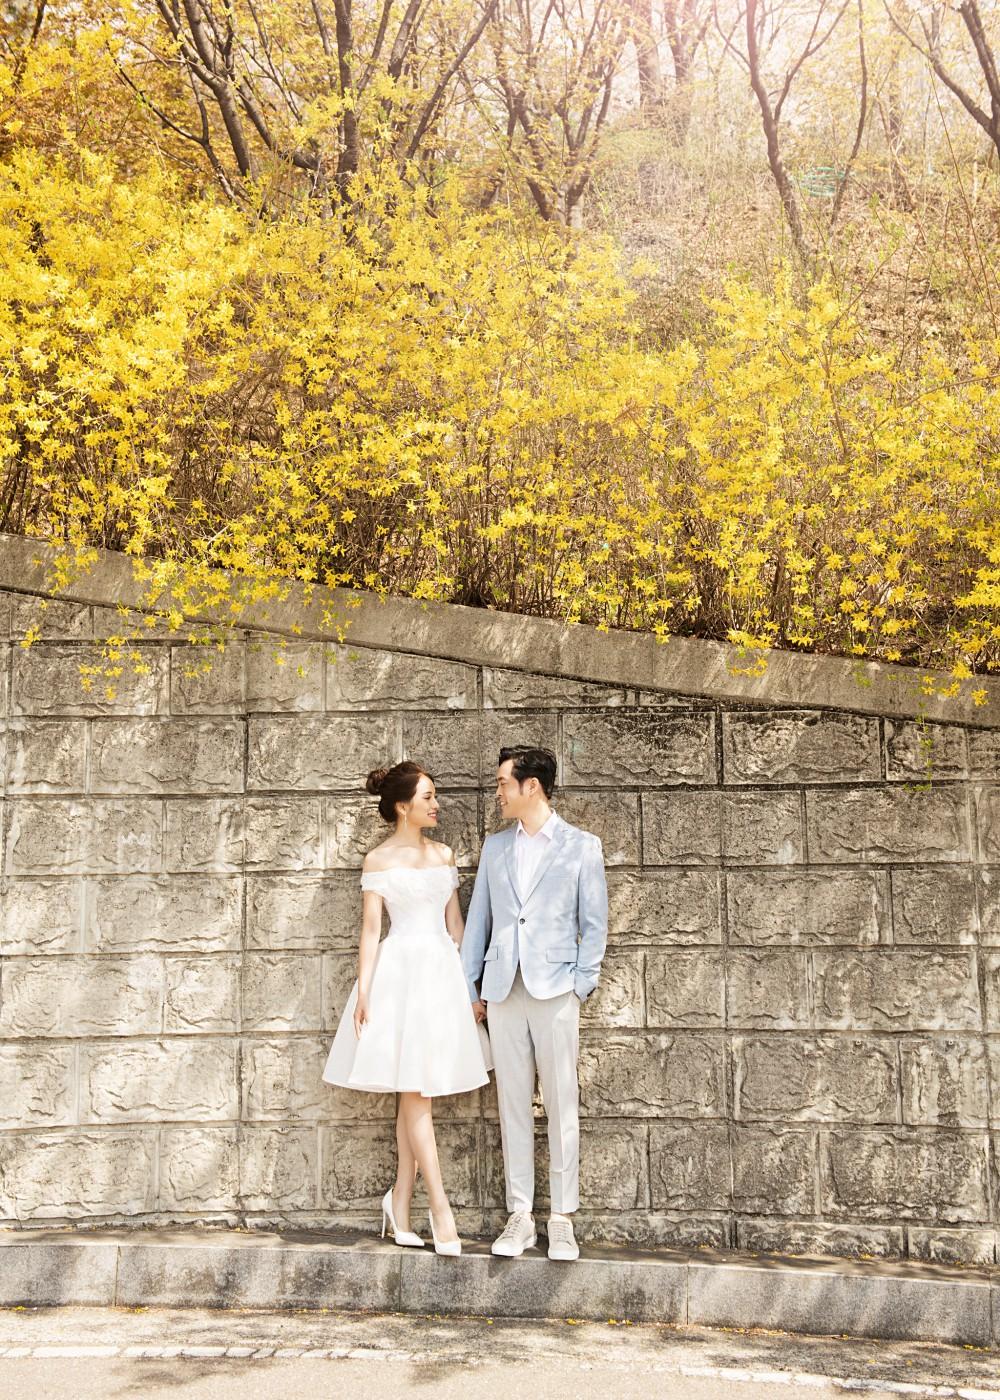 Ảnh cưới đẹp như phim chụp tại Hàn Quốc của Dương Khắc Linh và vợ trẻ kém 13 tuổi - Ảnh 11.